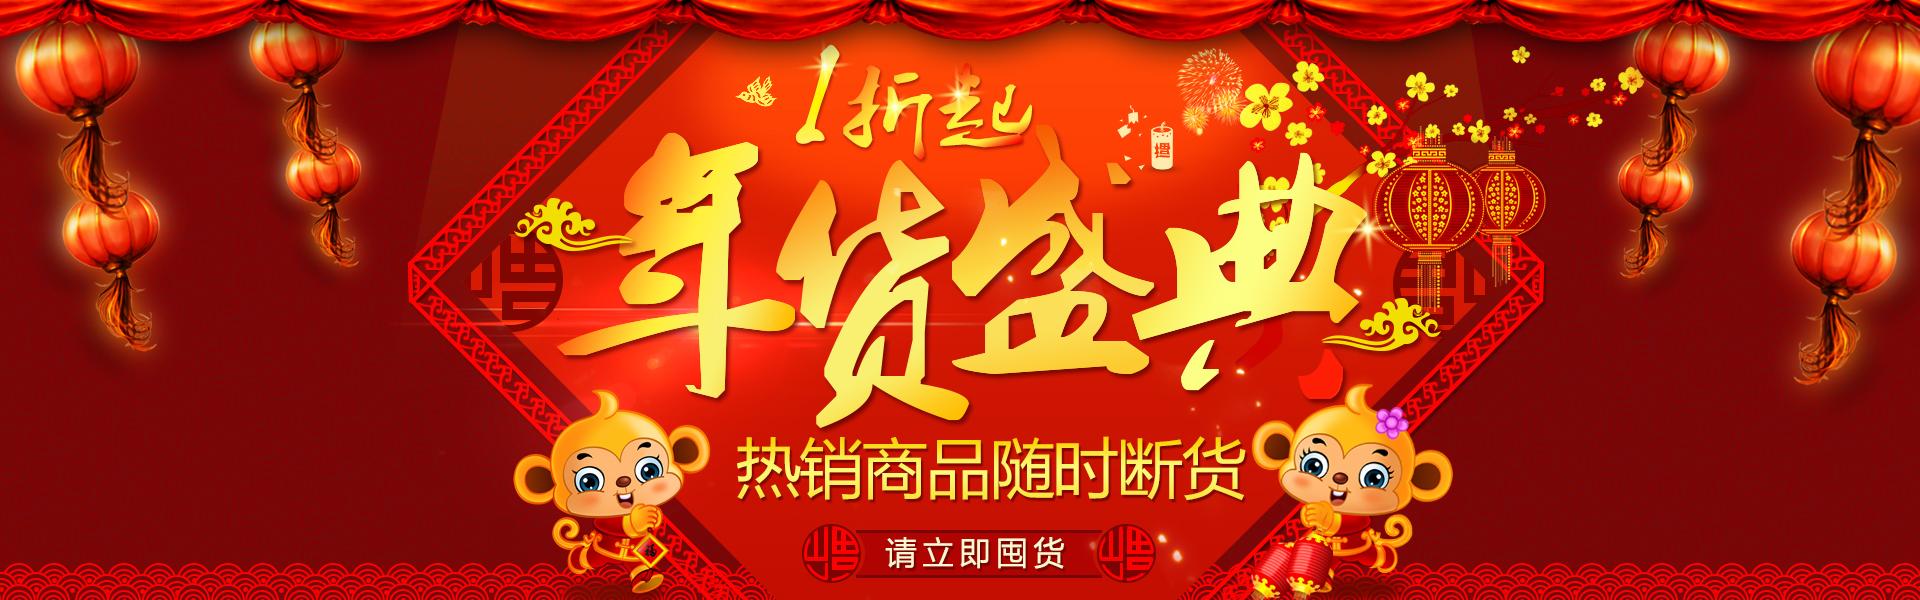 湖南年货节